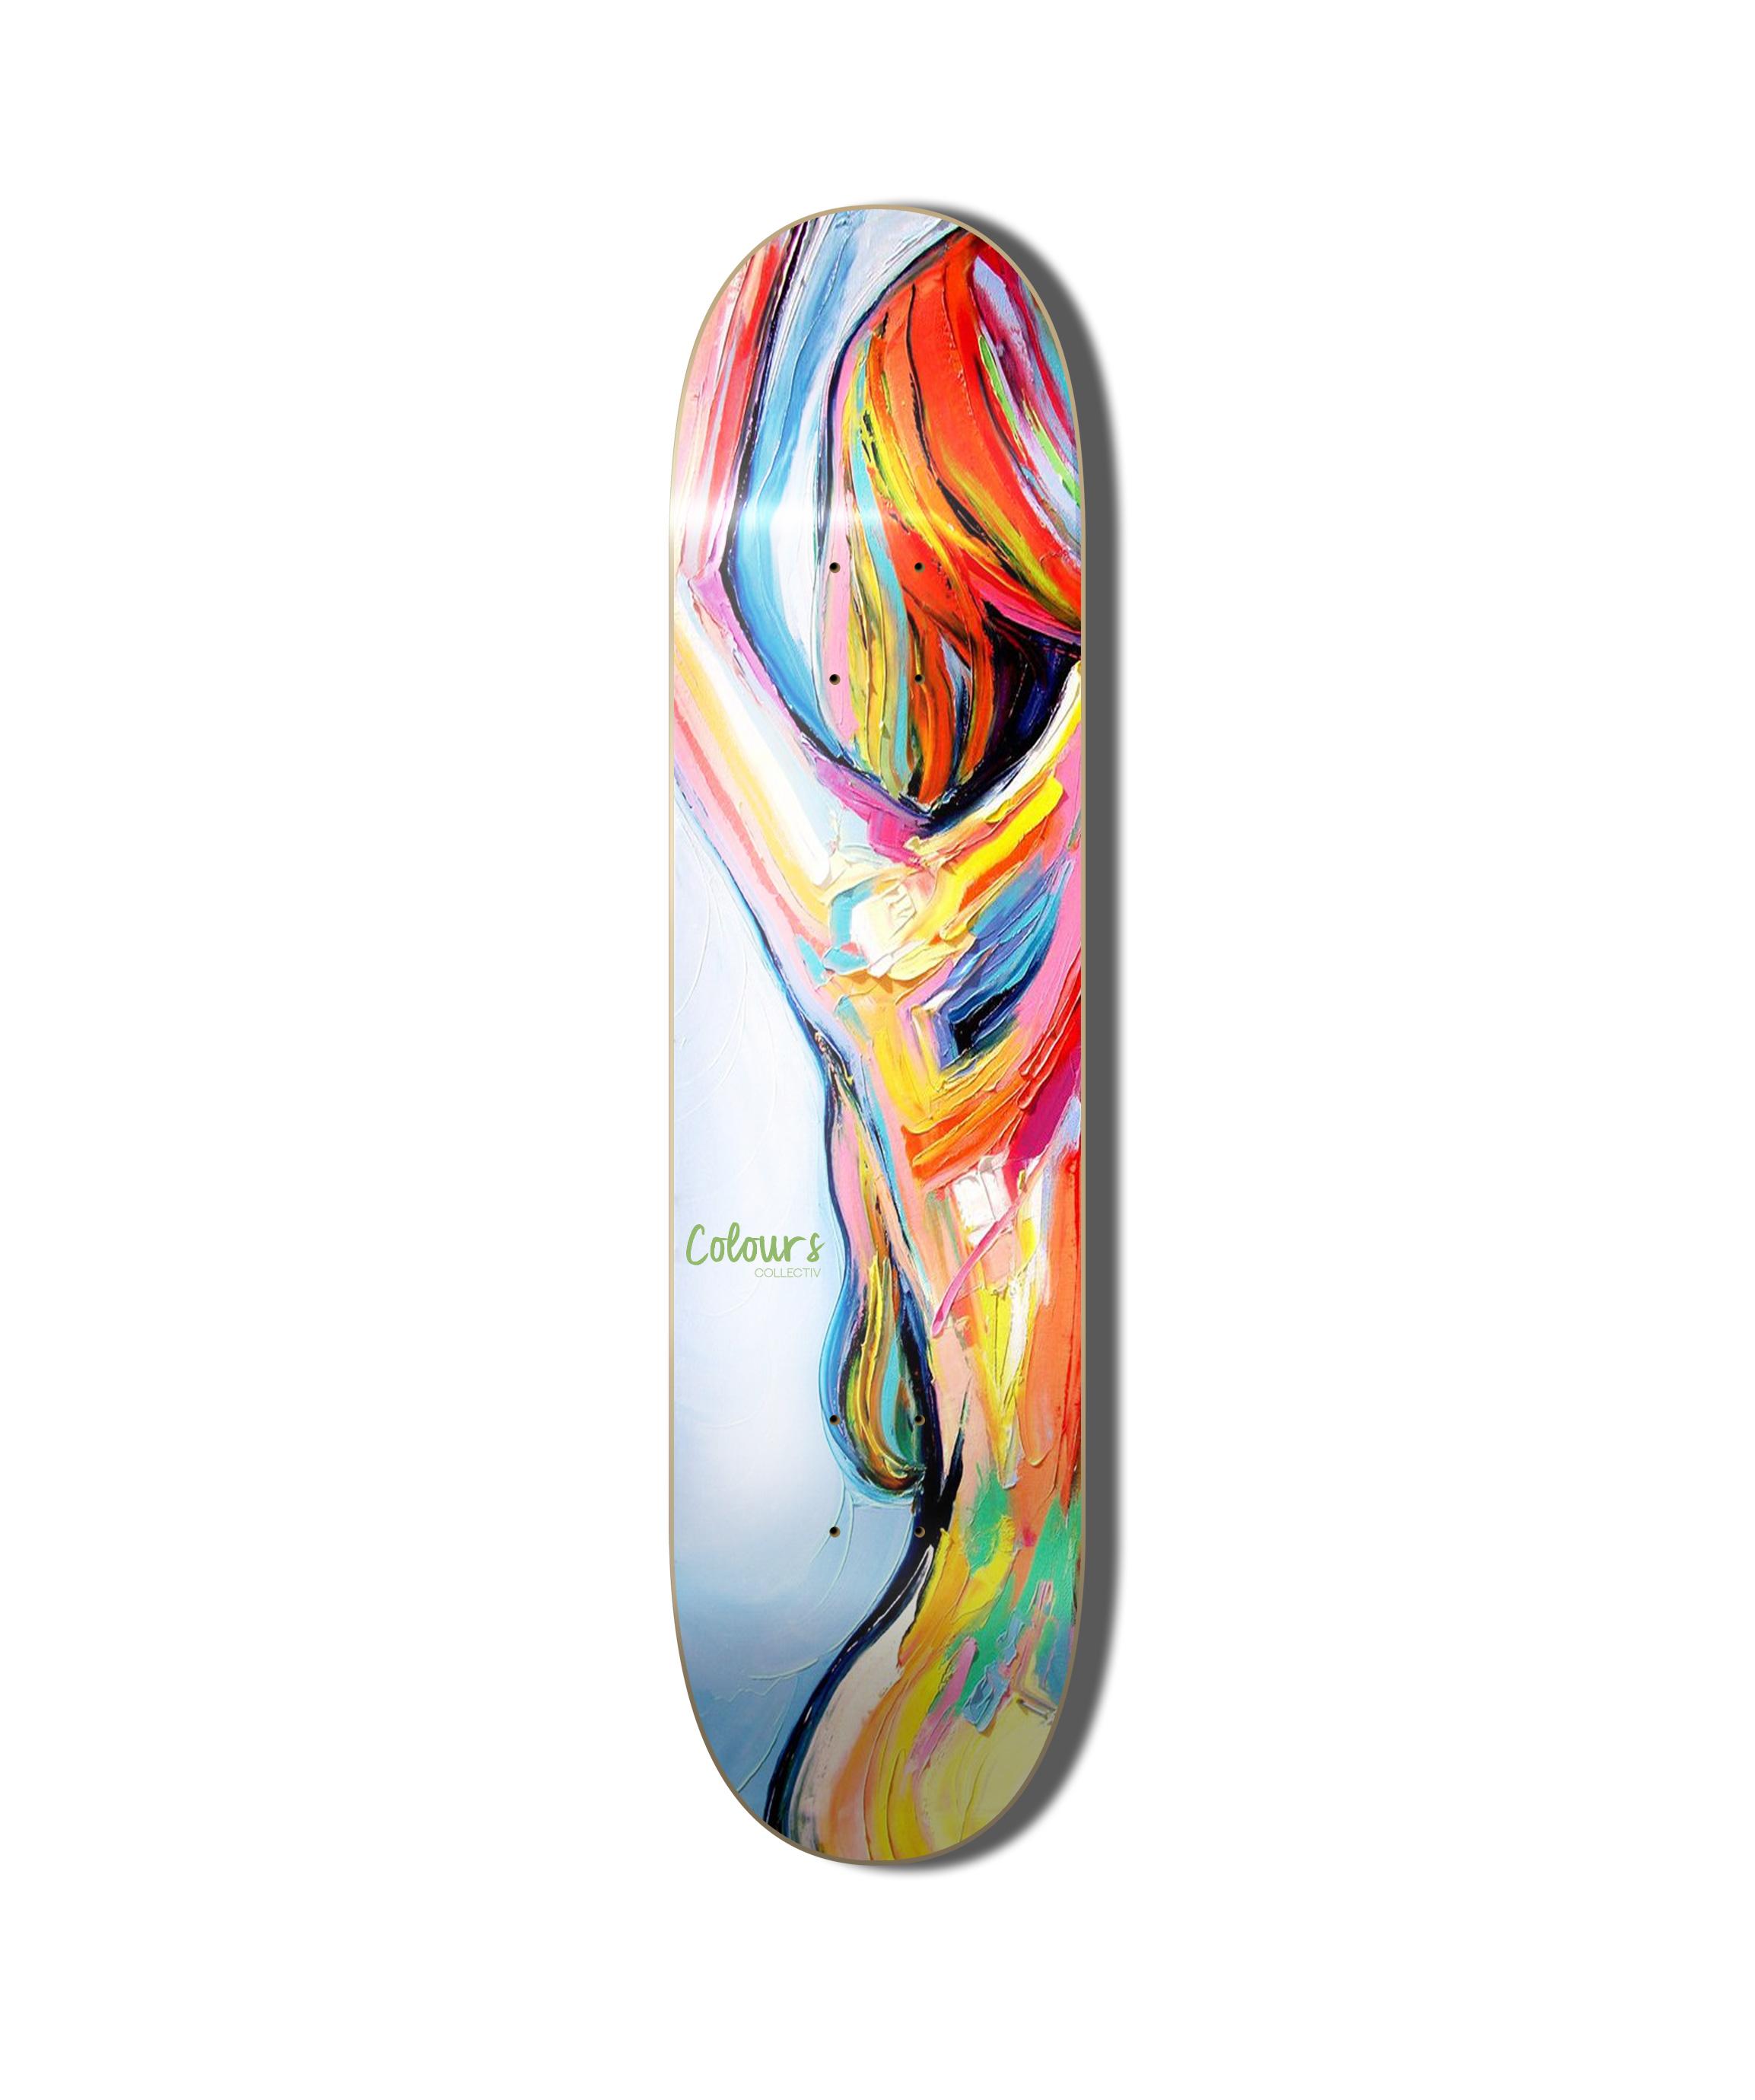 Nude skateboard decks